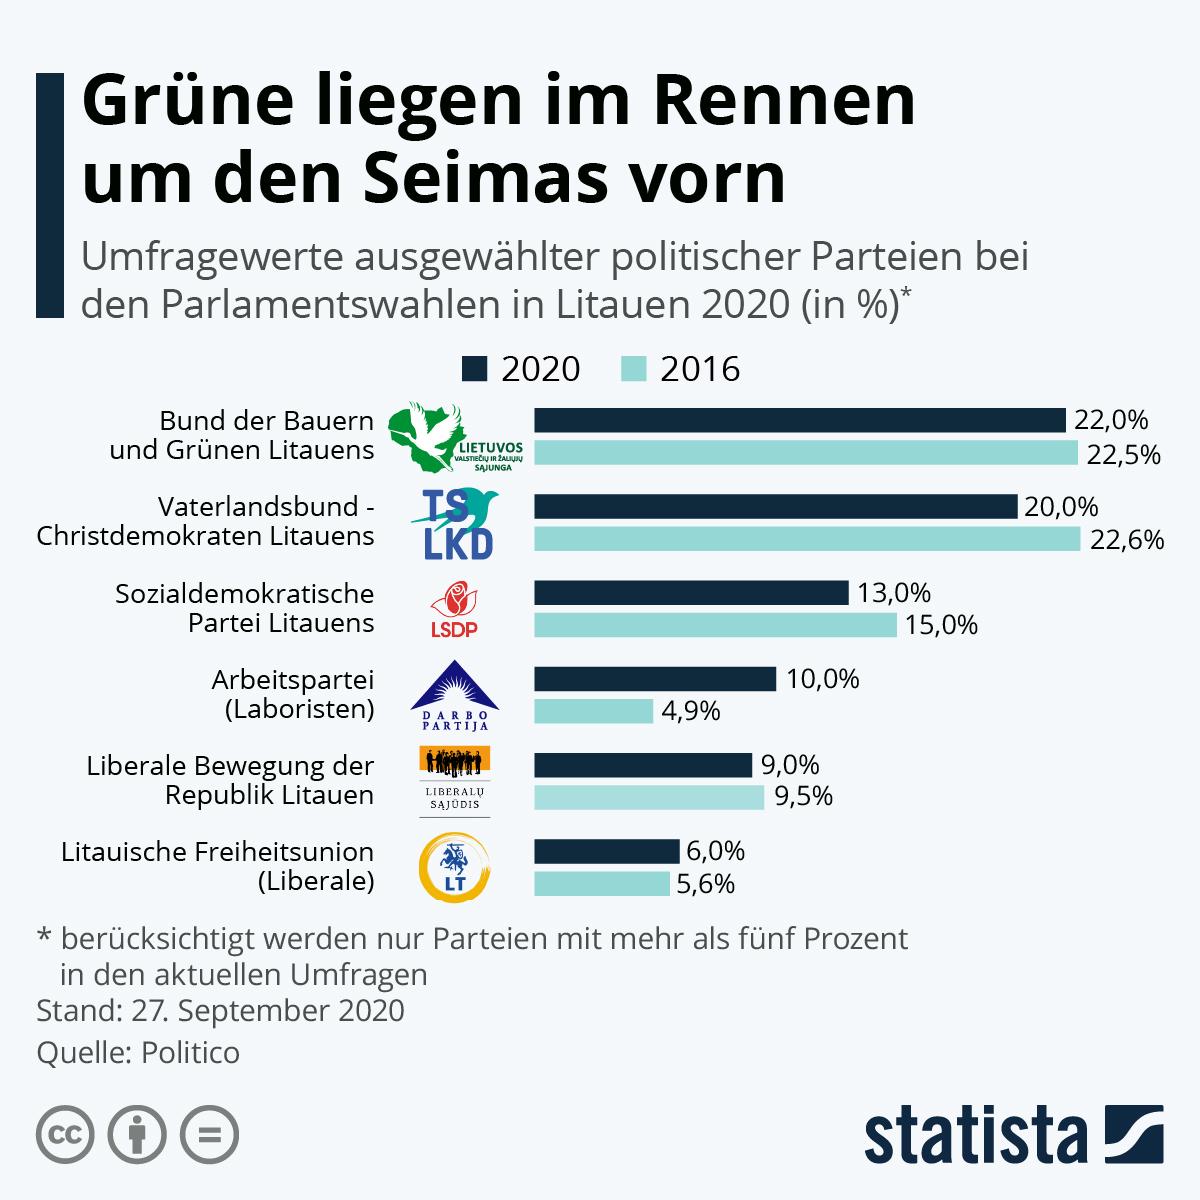 Infografik: Grüne liegen im Rennen um den Seimas vorn   Statista